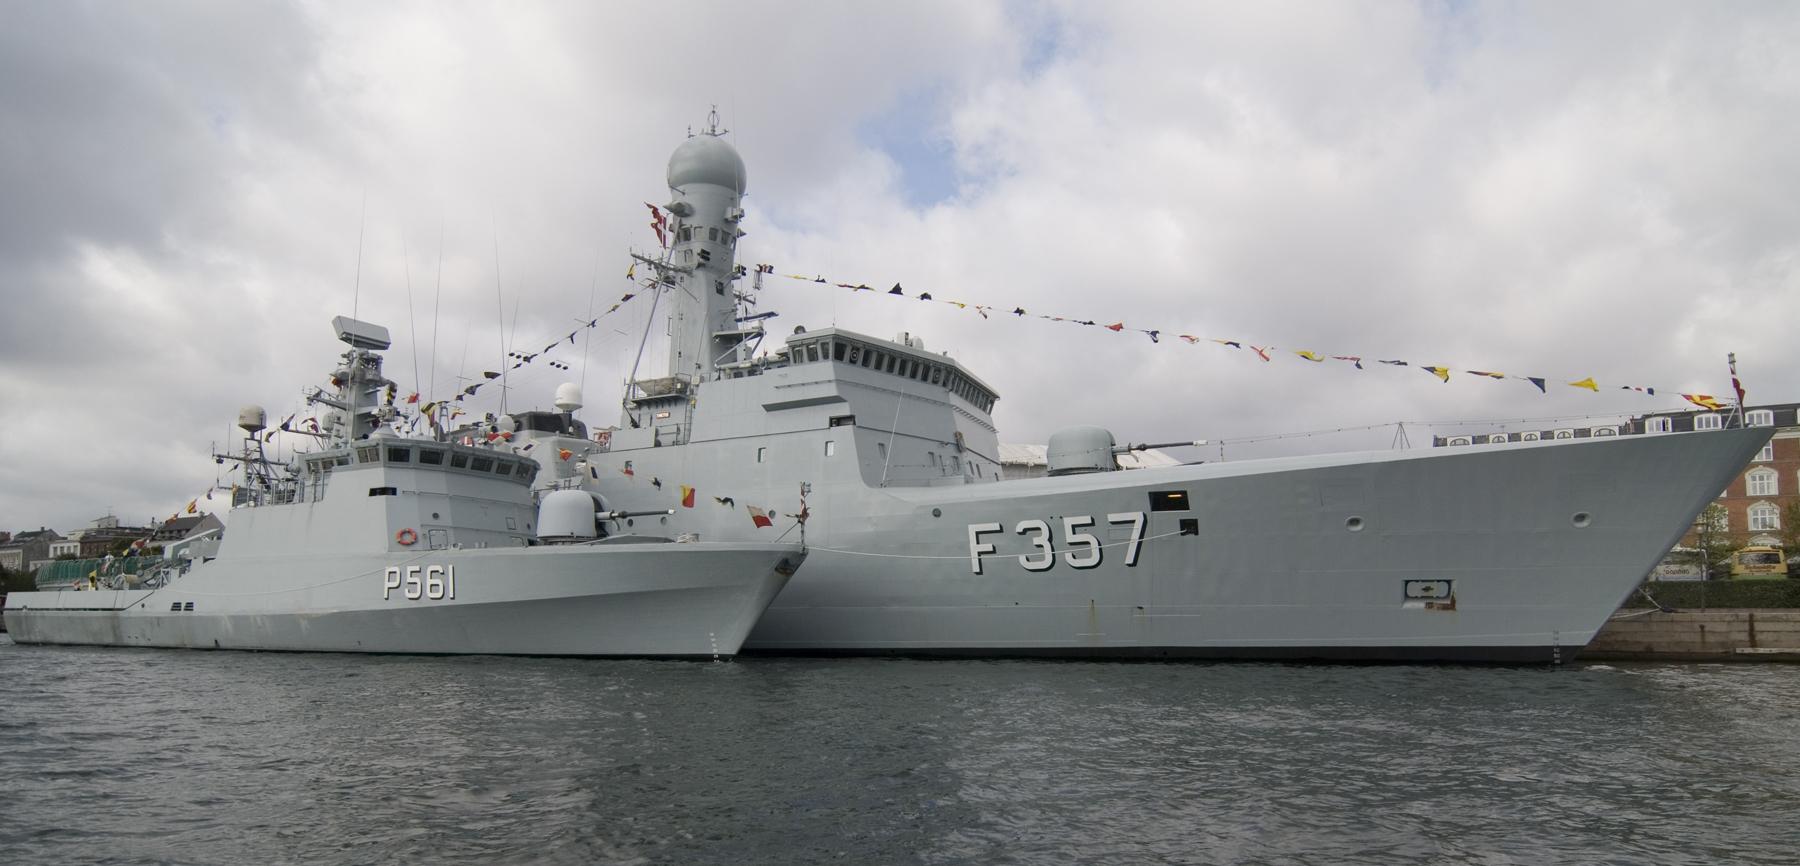 søværnets skibe